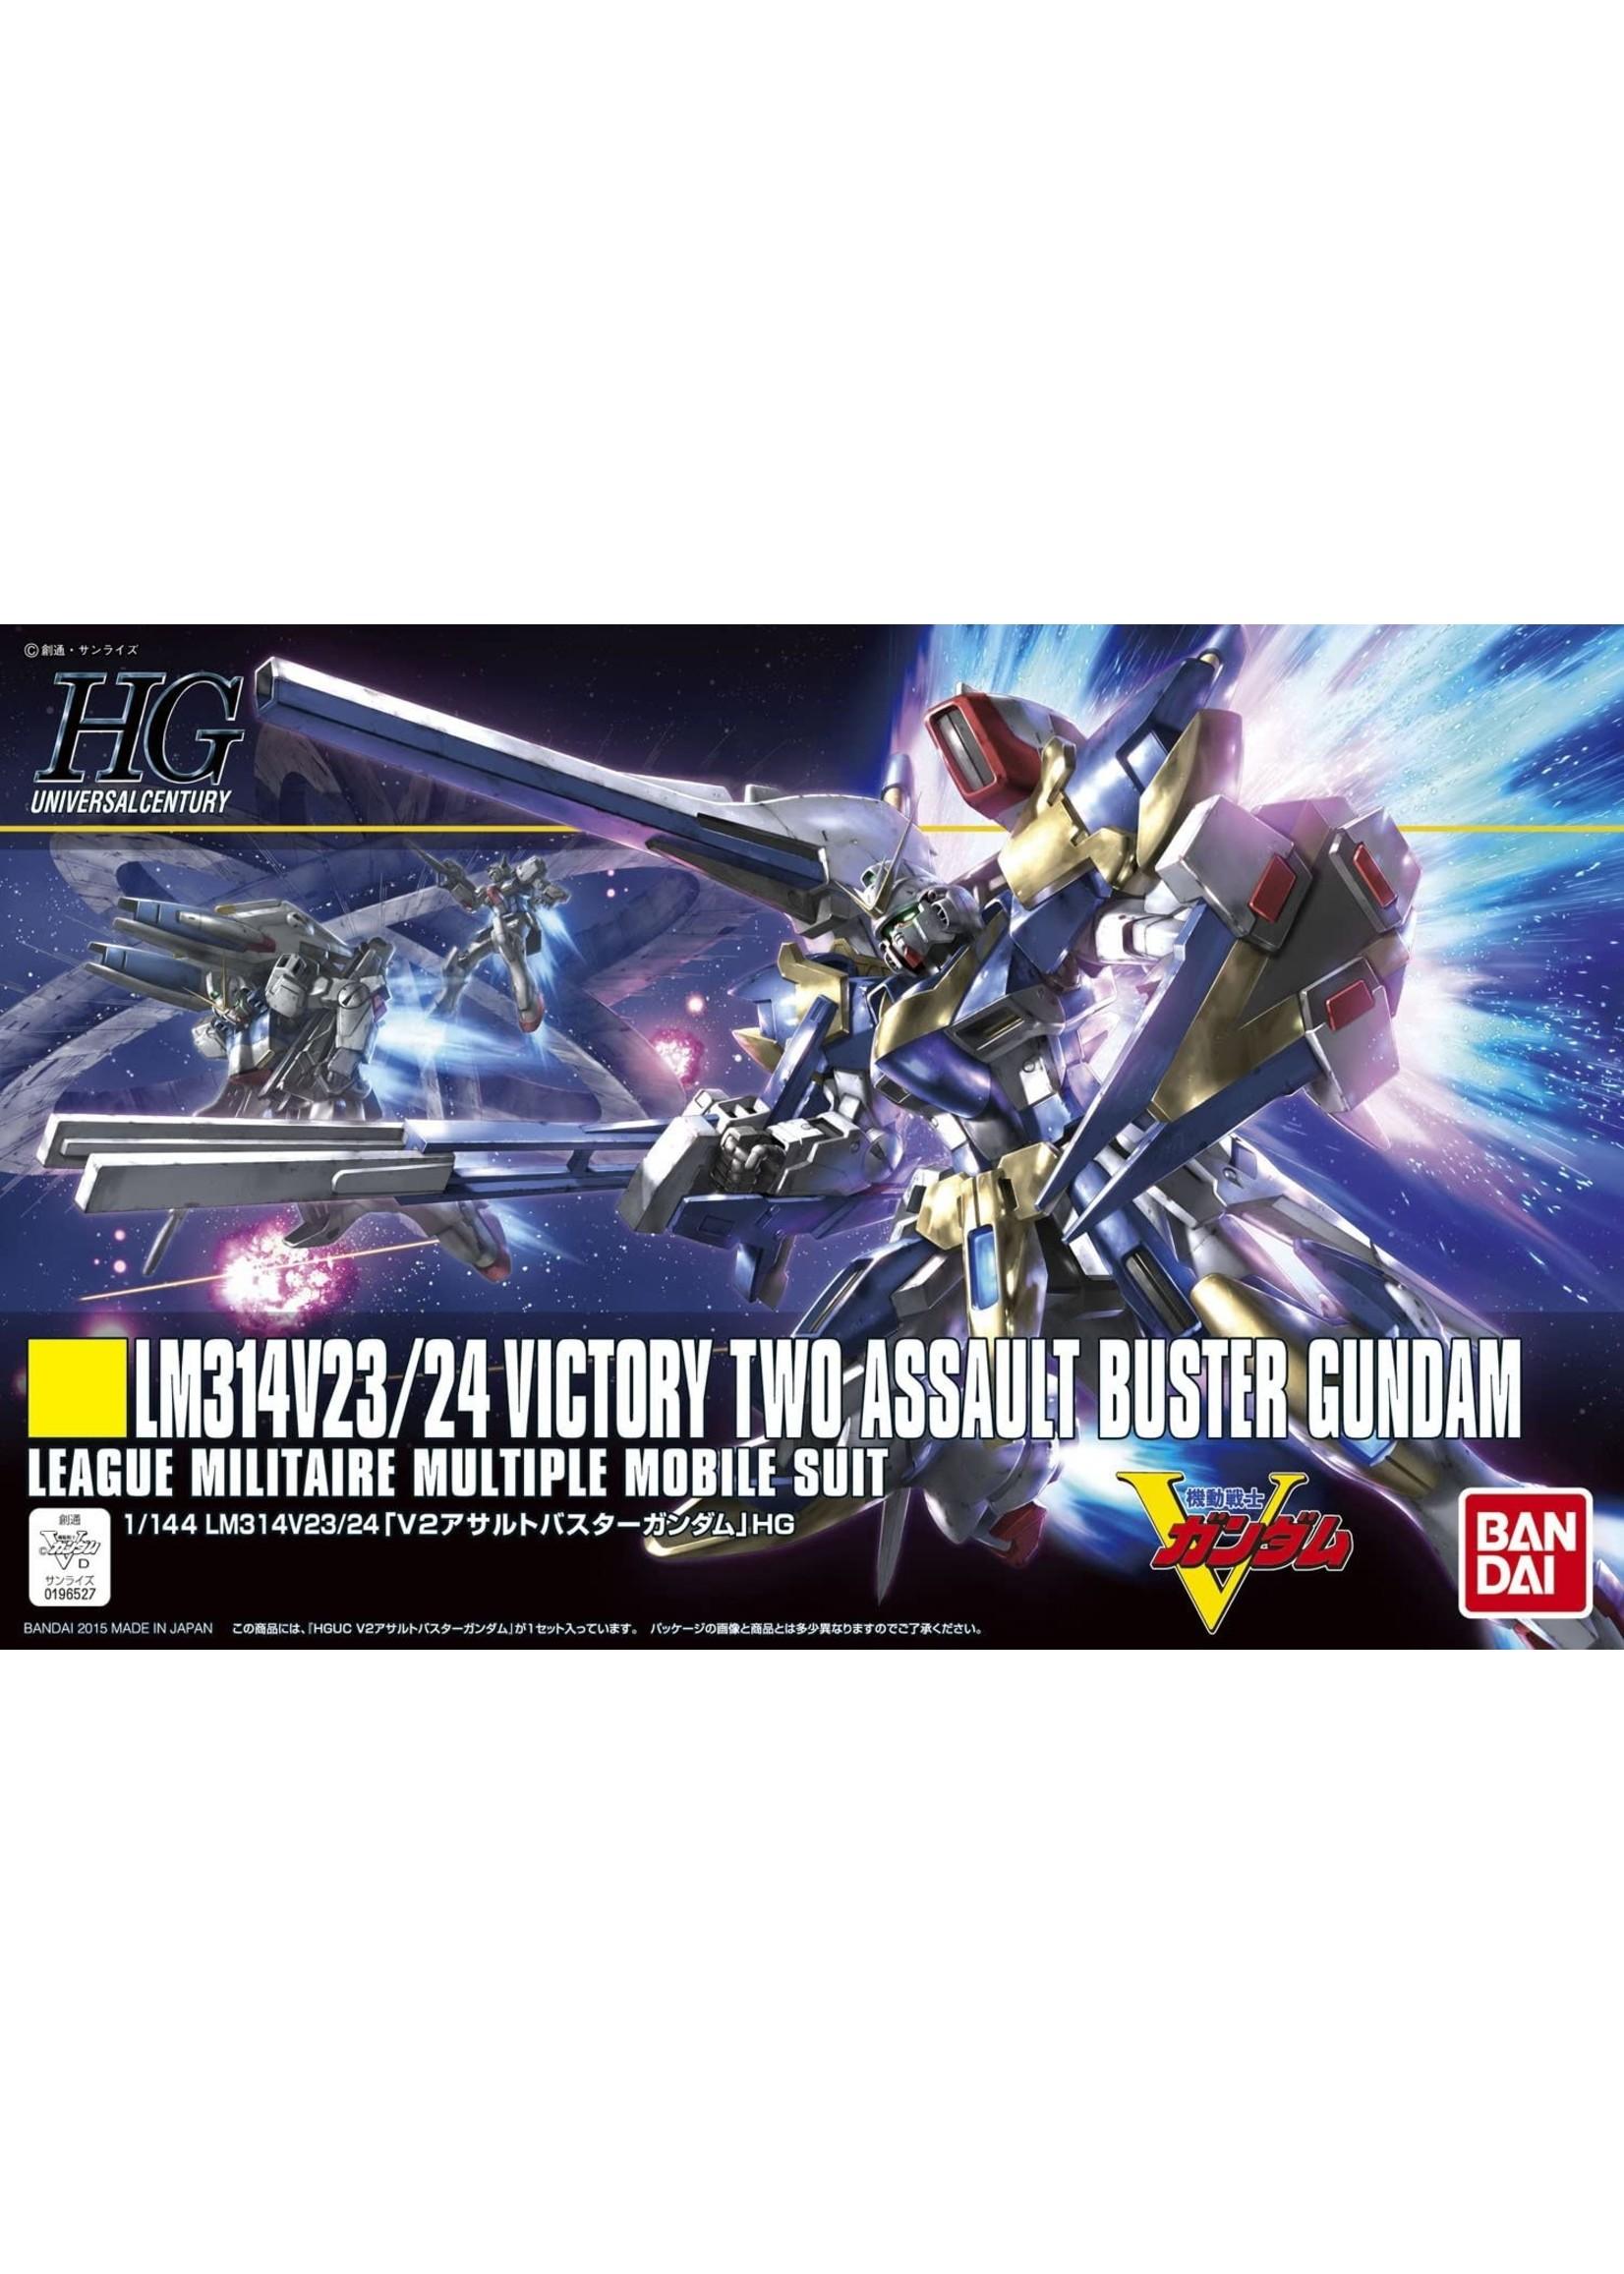 Gundam: 1/144 V2 Assault Buster Gundam Victory Gundam